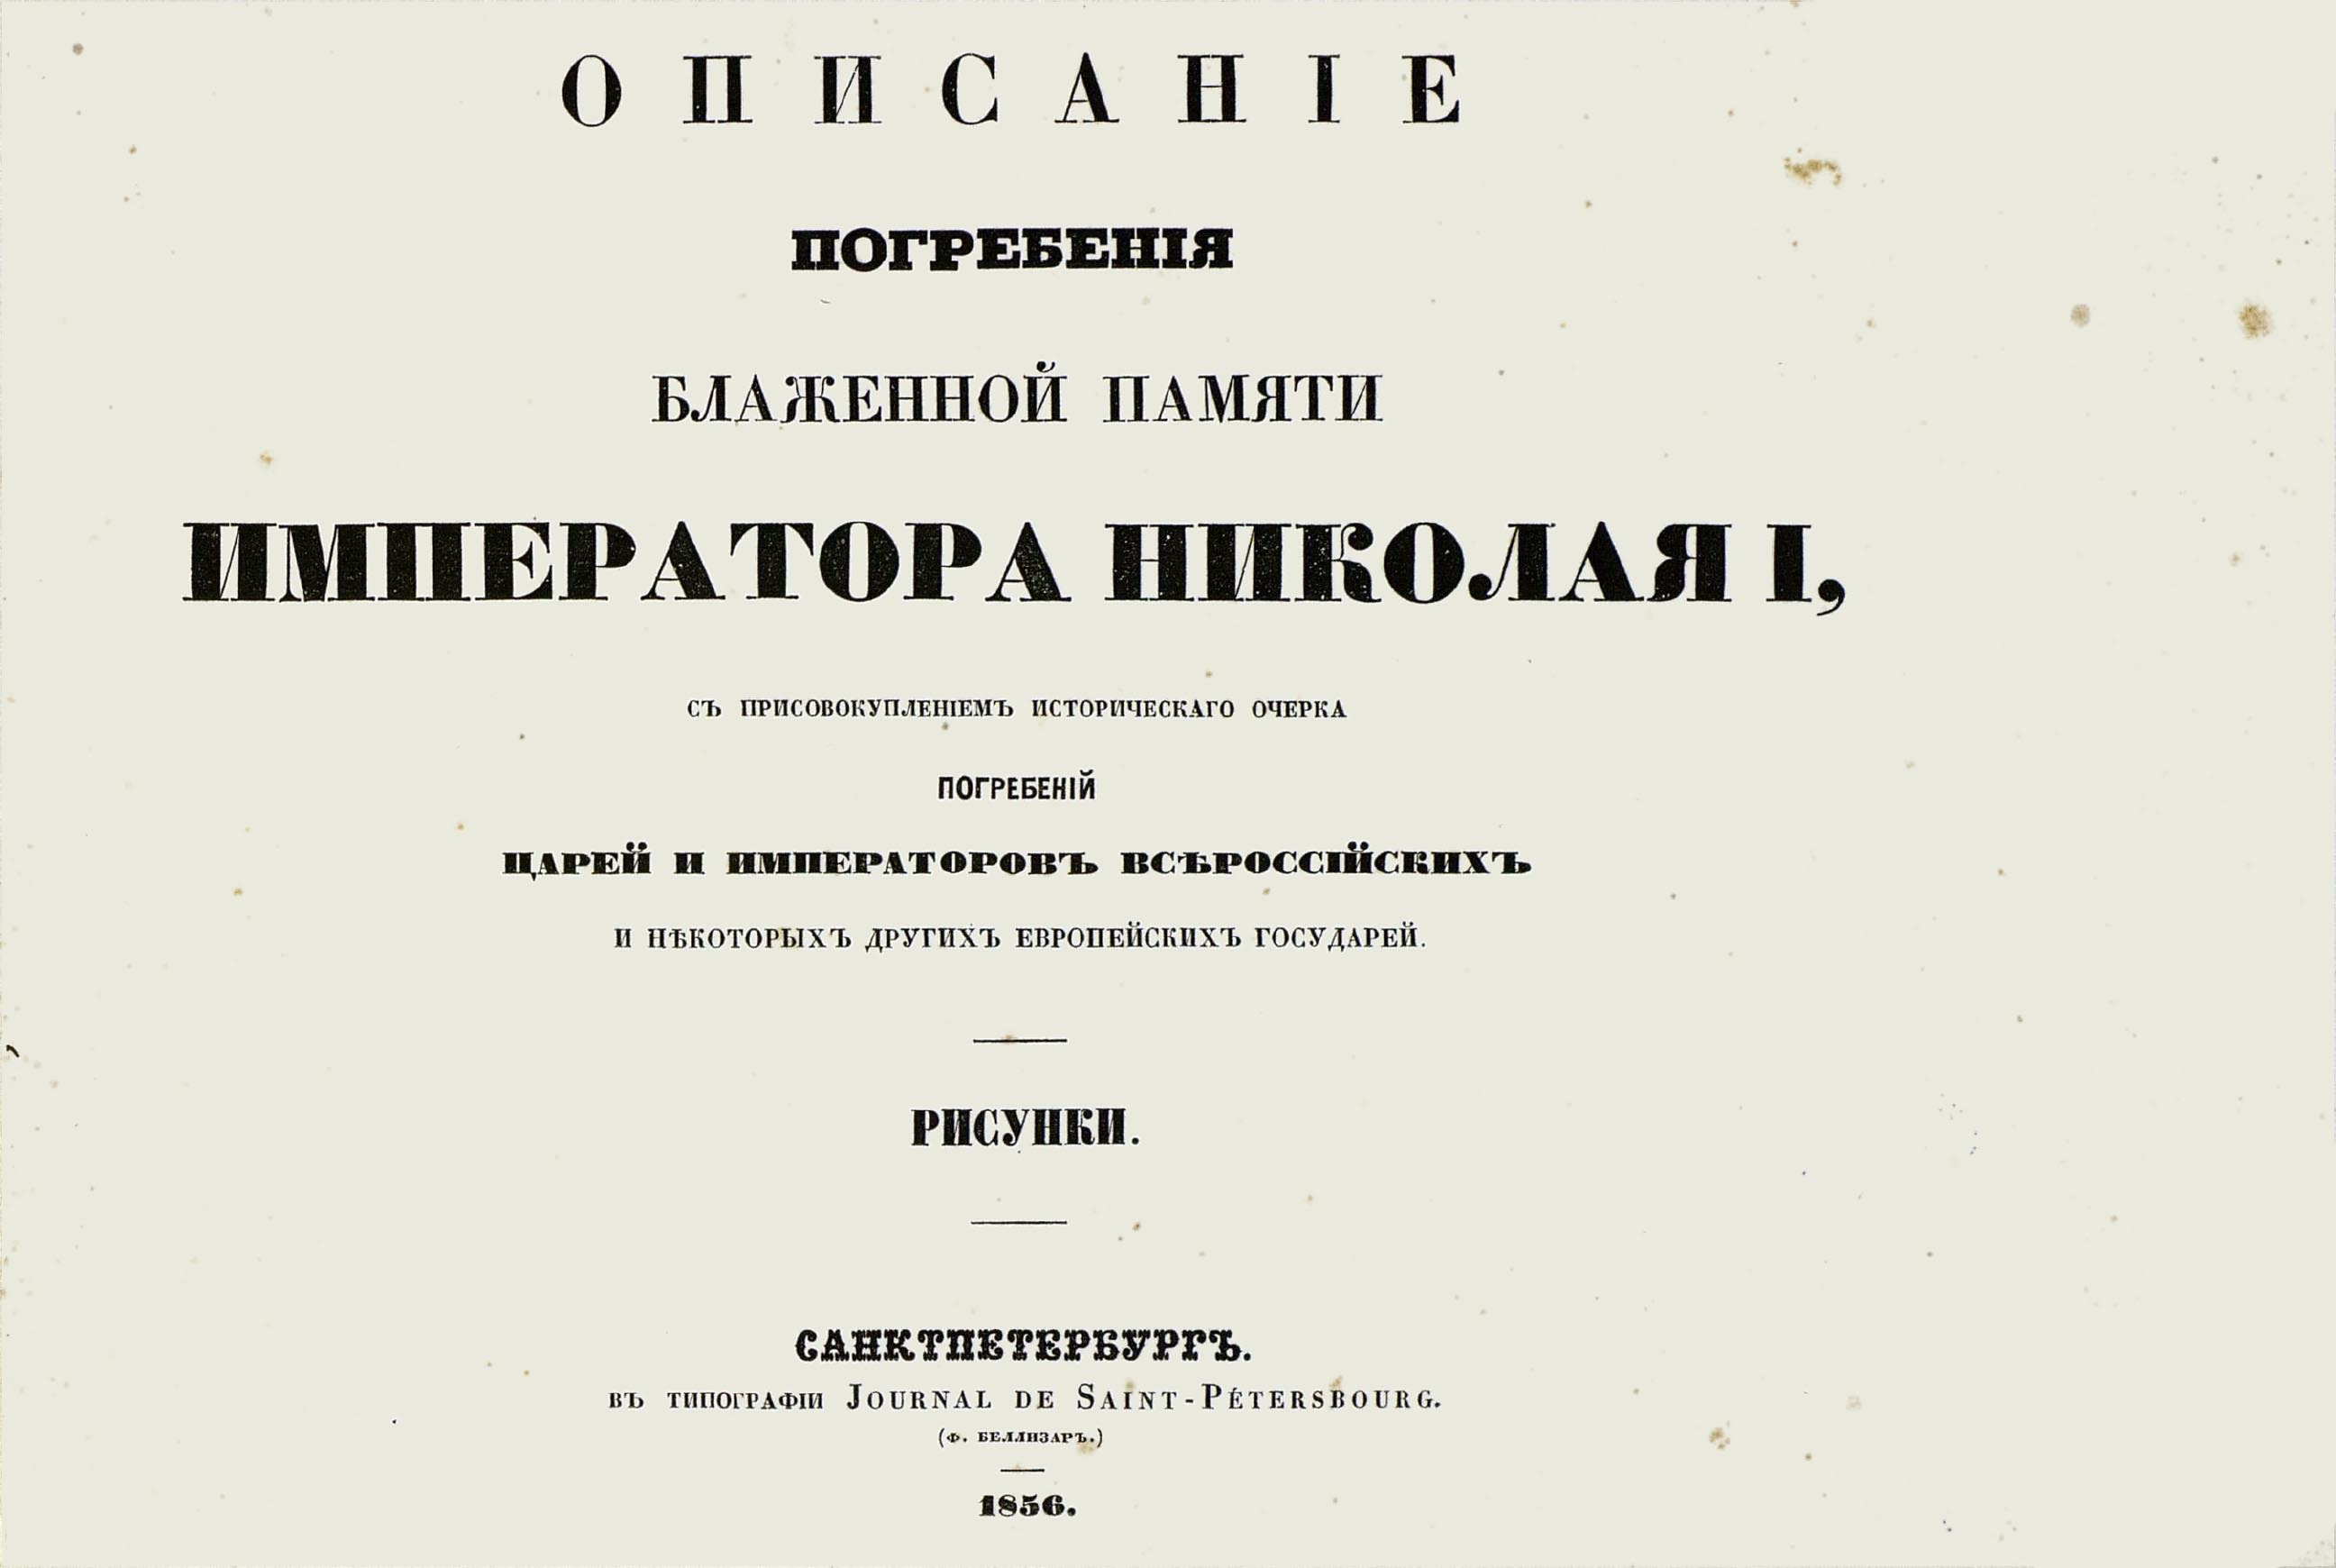 Титульный лист альбома Описание погребения блаженной памяти Императора Николая I-го.